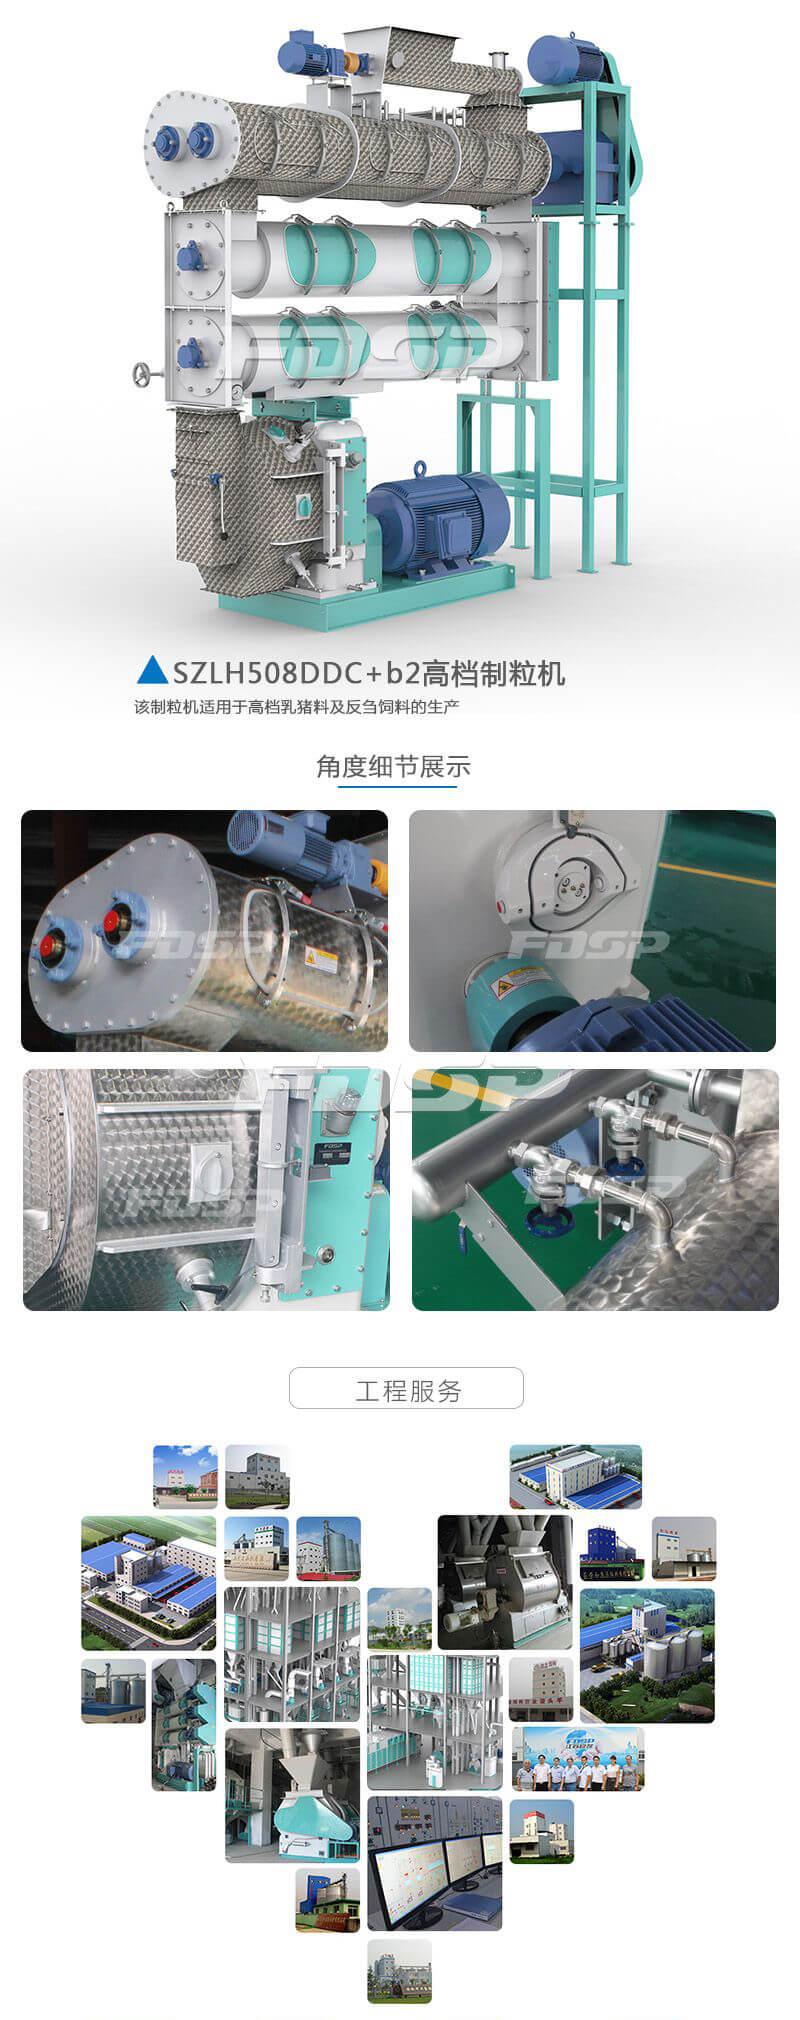 饲料机械SZLH508DDC b2系列高档畜禽水产饲料制粒机